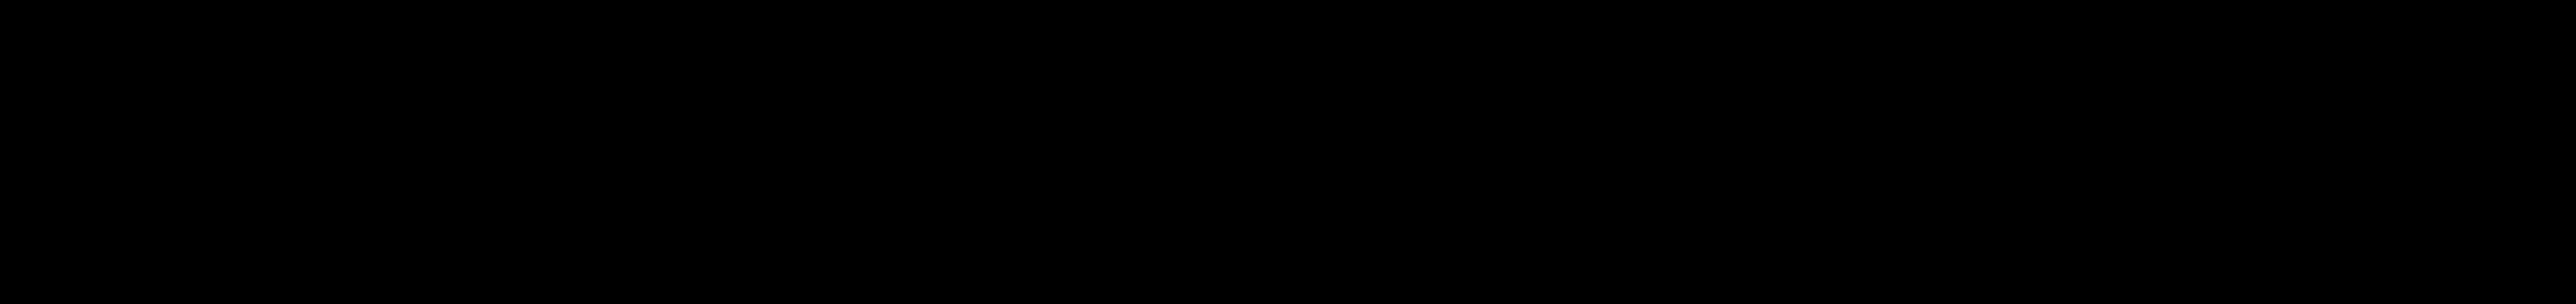 Logo We are Play Malmö - @playmalmo - playmalmo.se